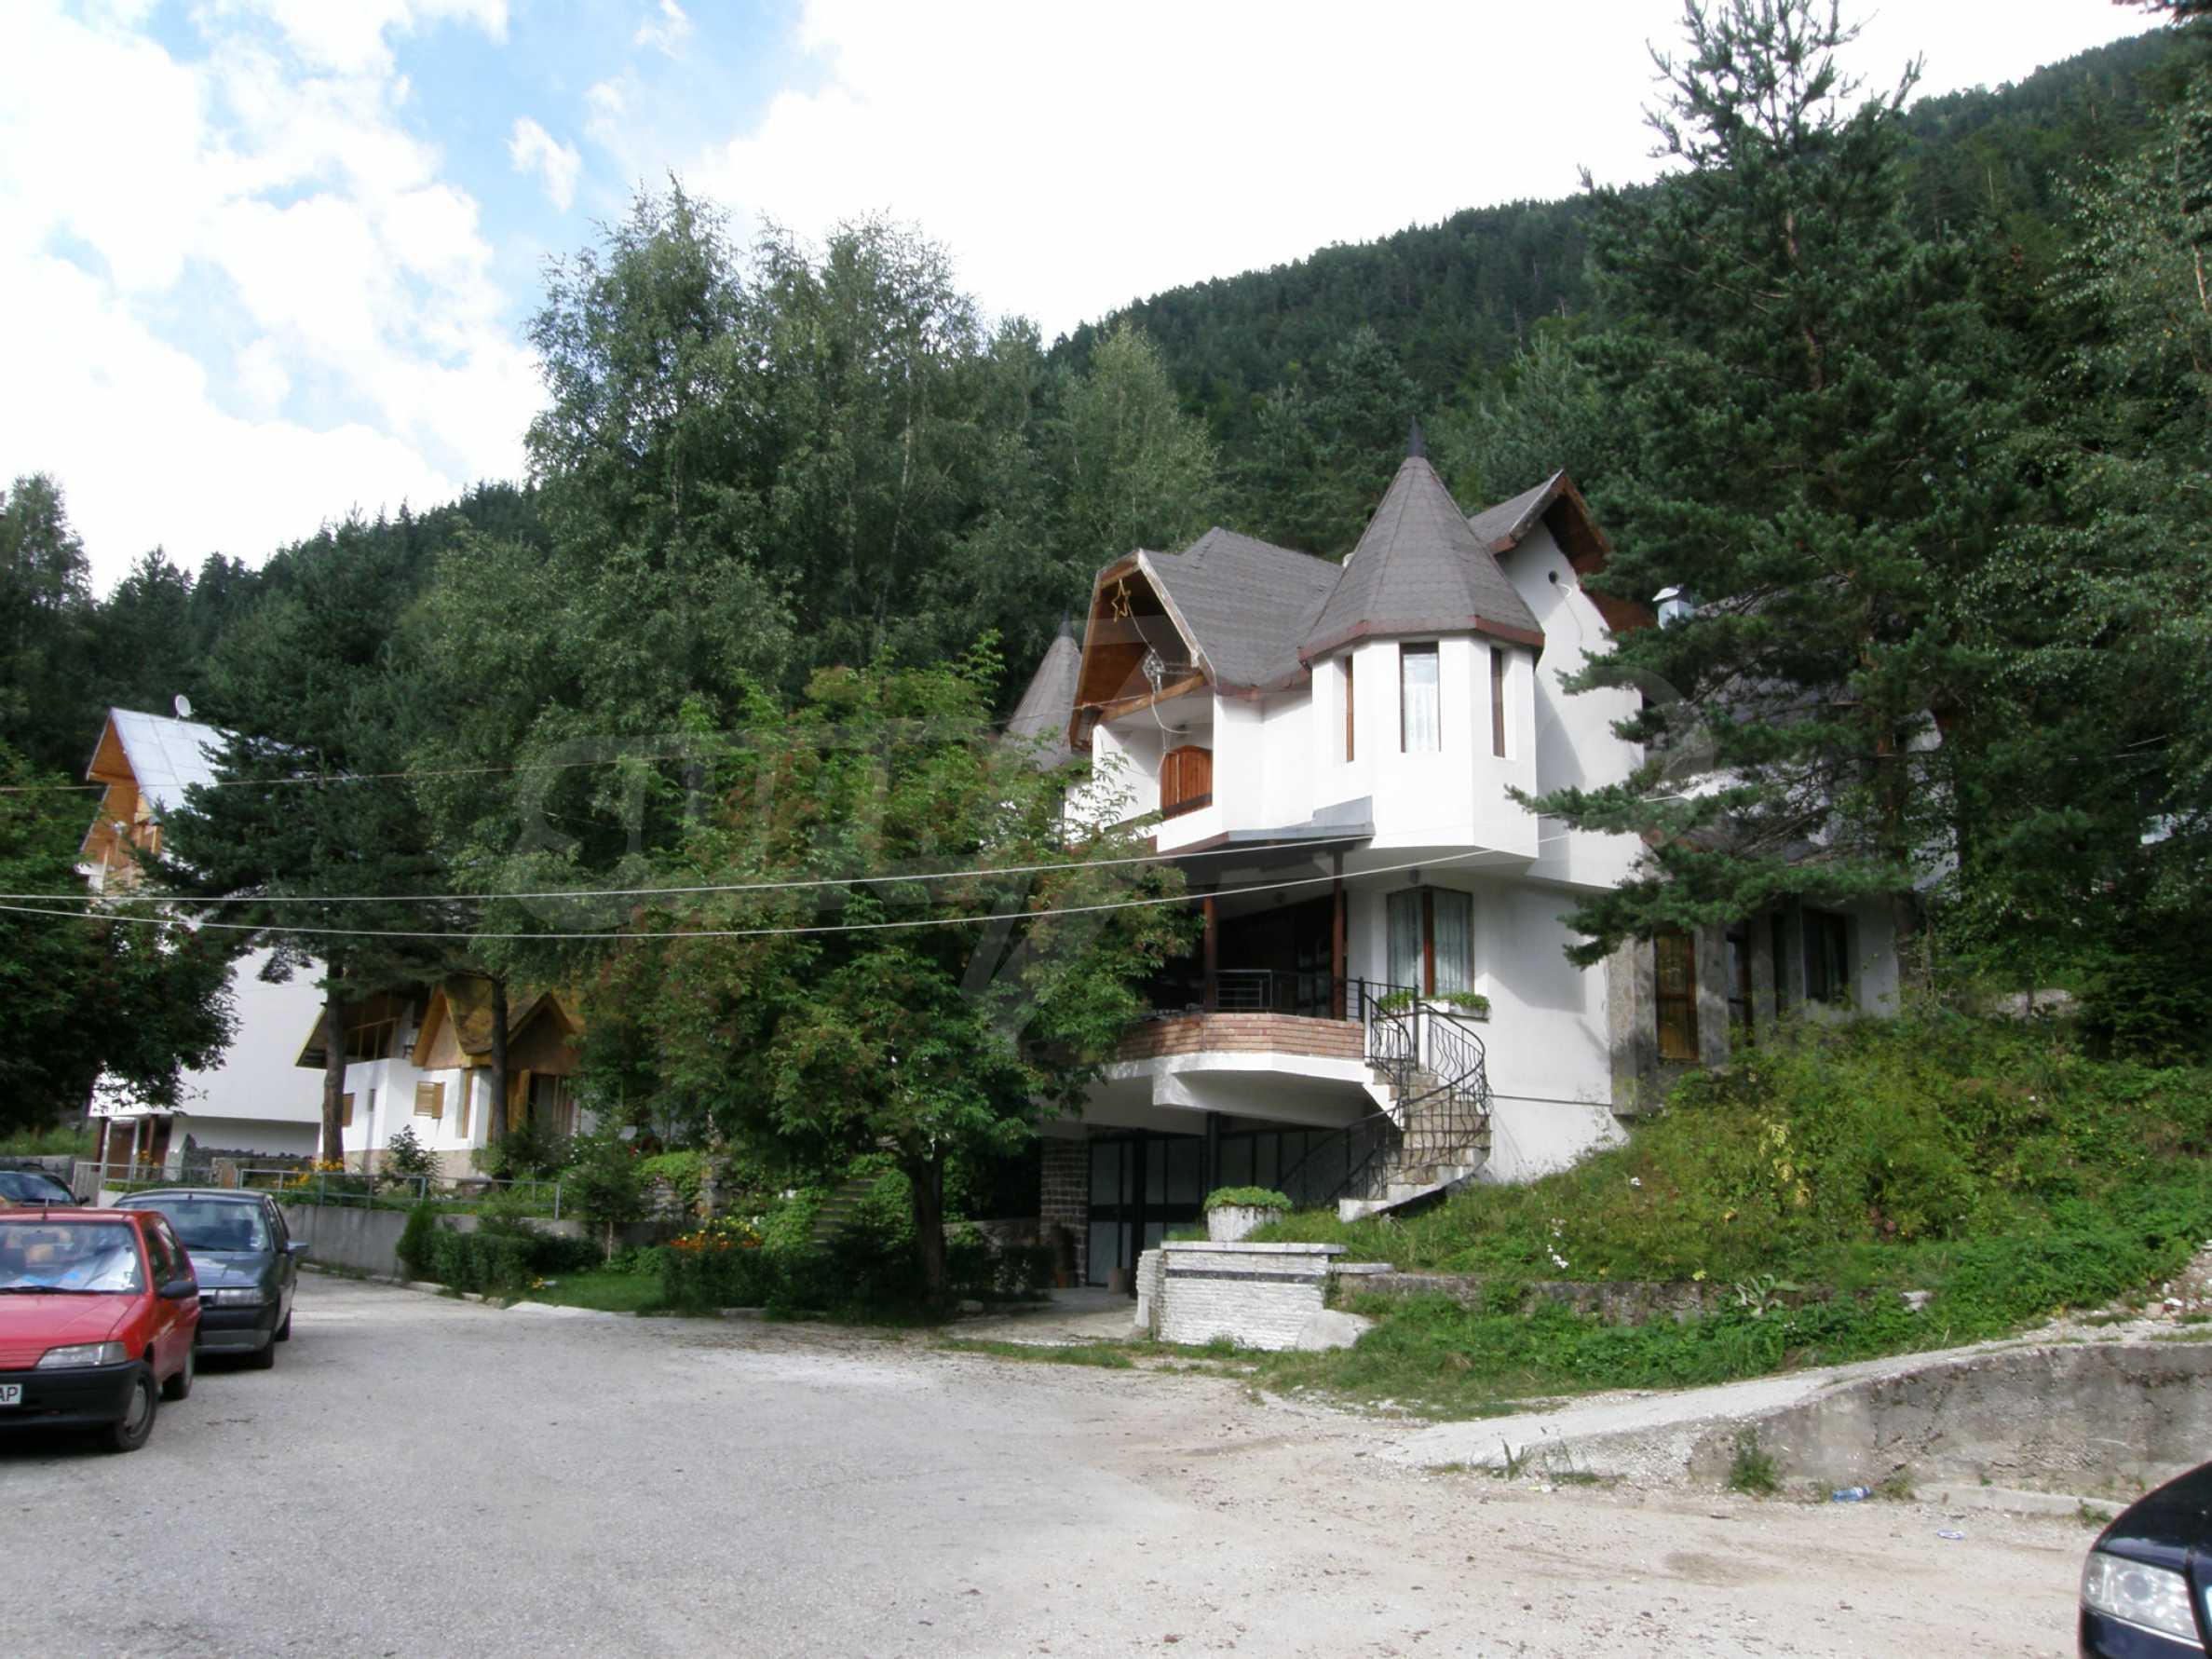 Bauland für ein Feriendorf in der Nähe von Sandanski 9